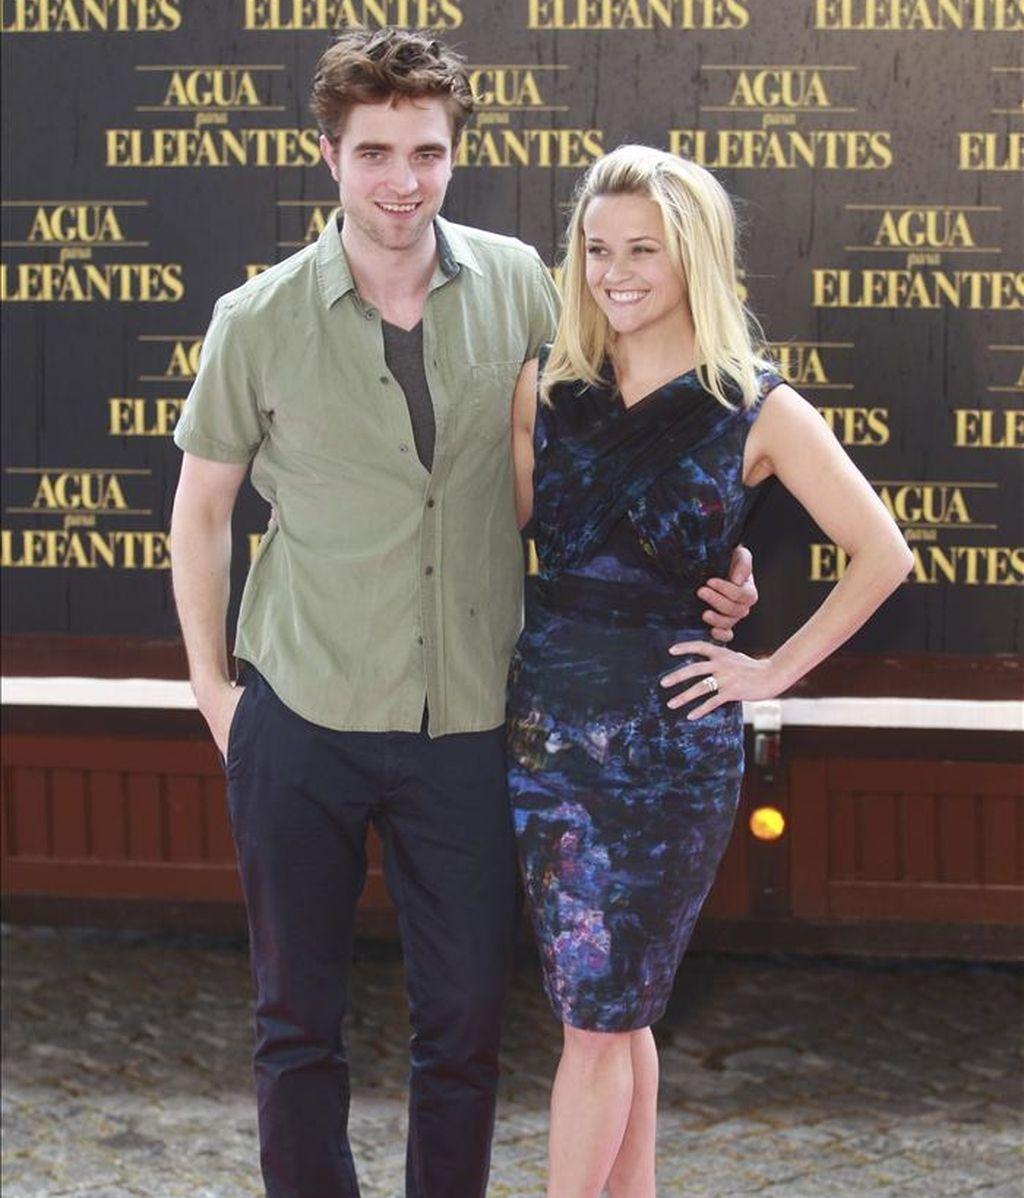 """El actor norteamericano Robert Pattinson, una de las caras más populares de Hollywood tras su participación en la saga """"Crepúsculo"""", acompañado de la actriz Reese Witherspoon, posan para los medios durante la presentación en Barcelona de la película, """"Agua para elefantes"""". EFE"""